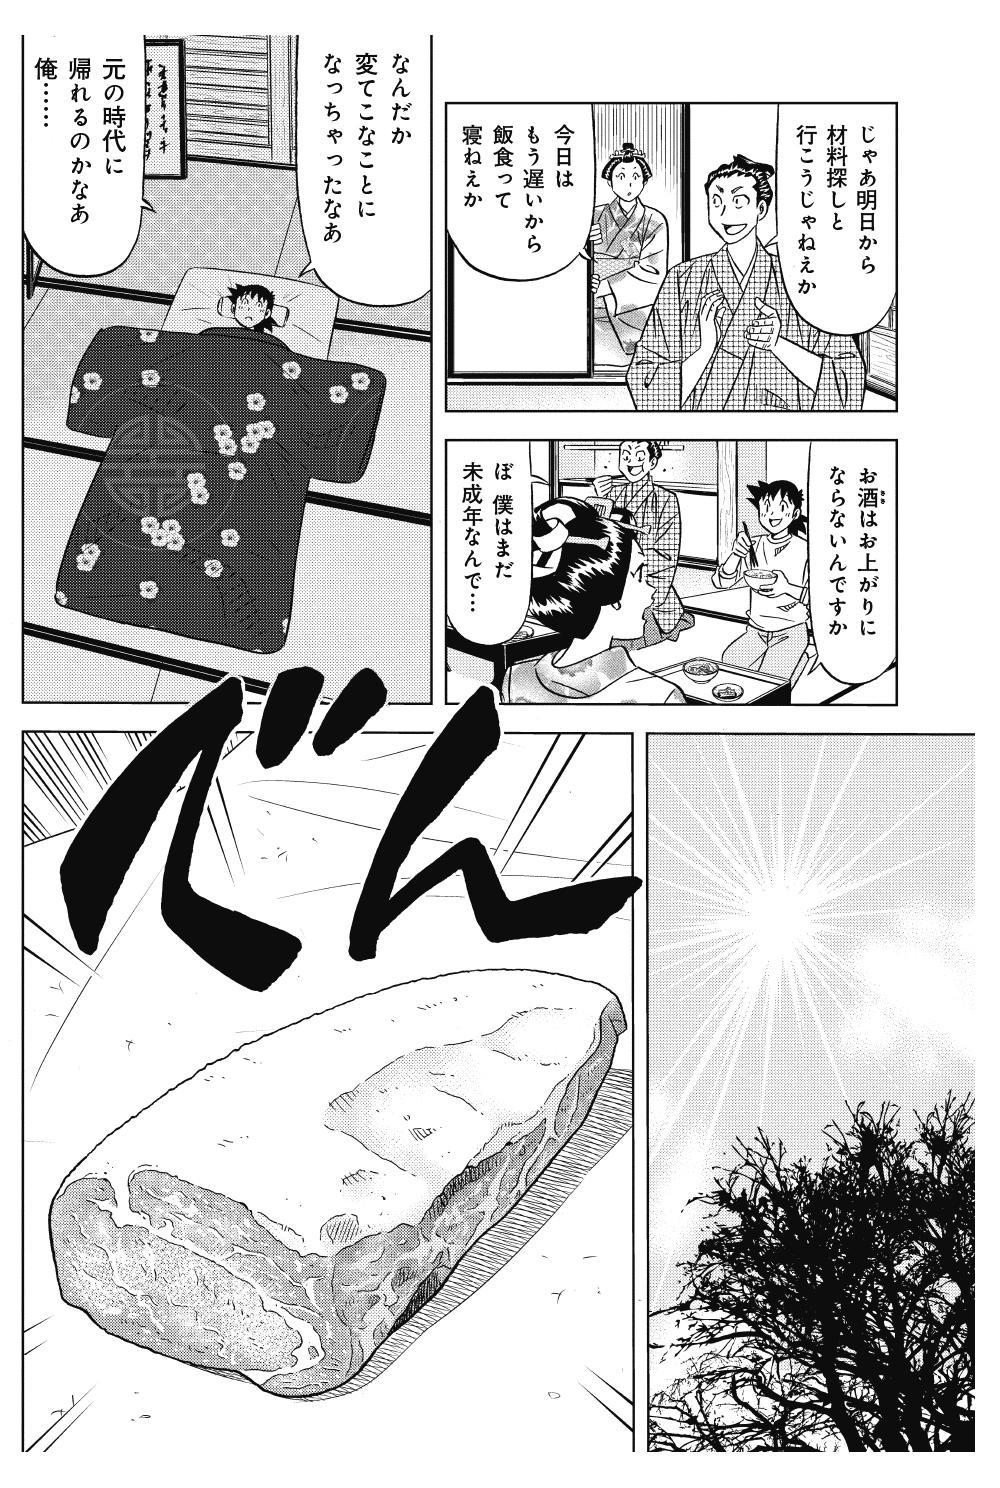 ミスター味っ子 幕末編 第1話「黒船来航」②ajikko21.jpg